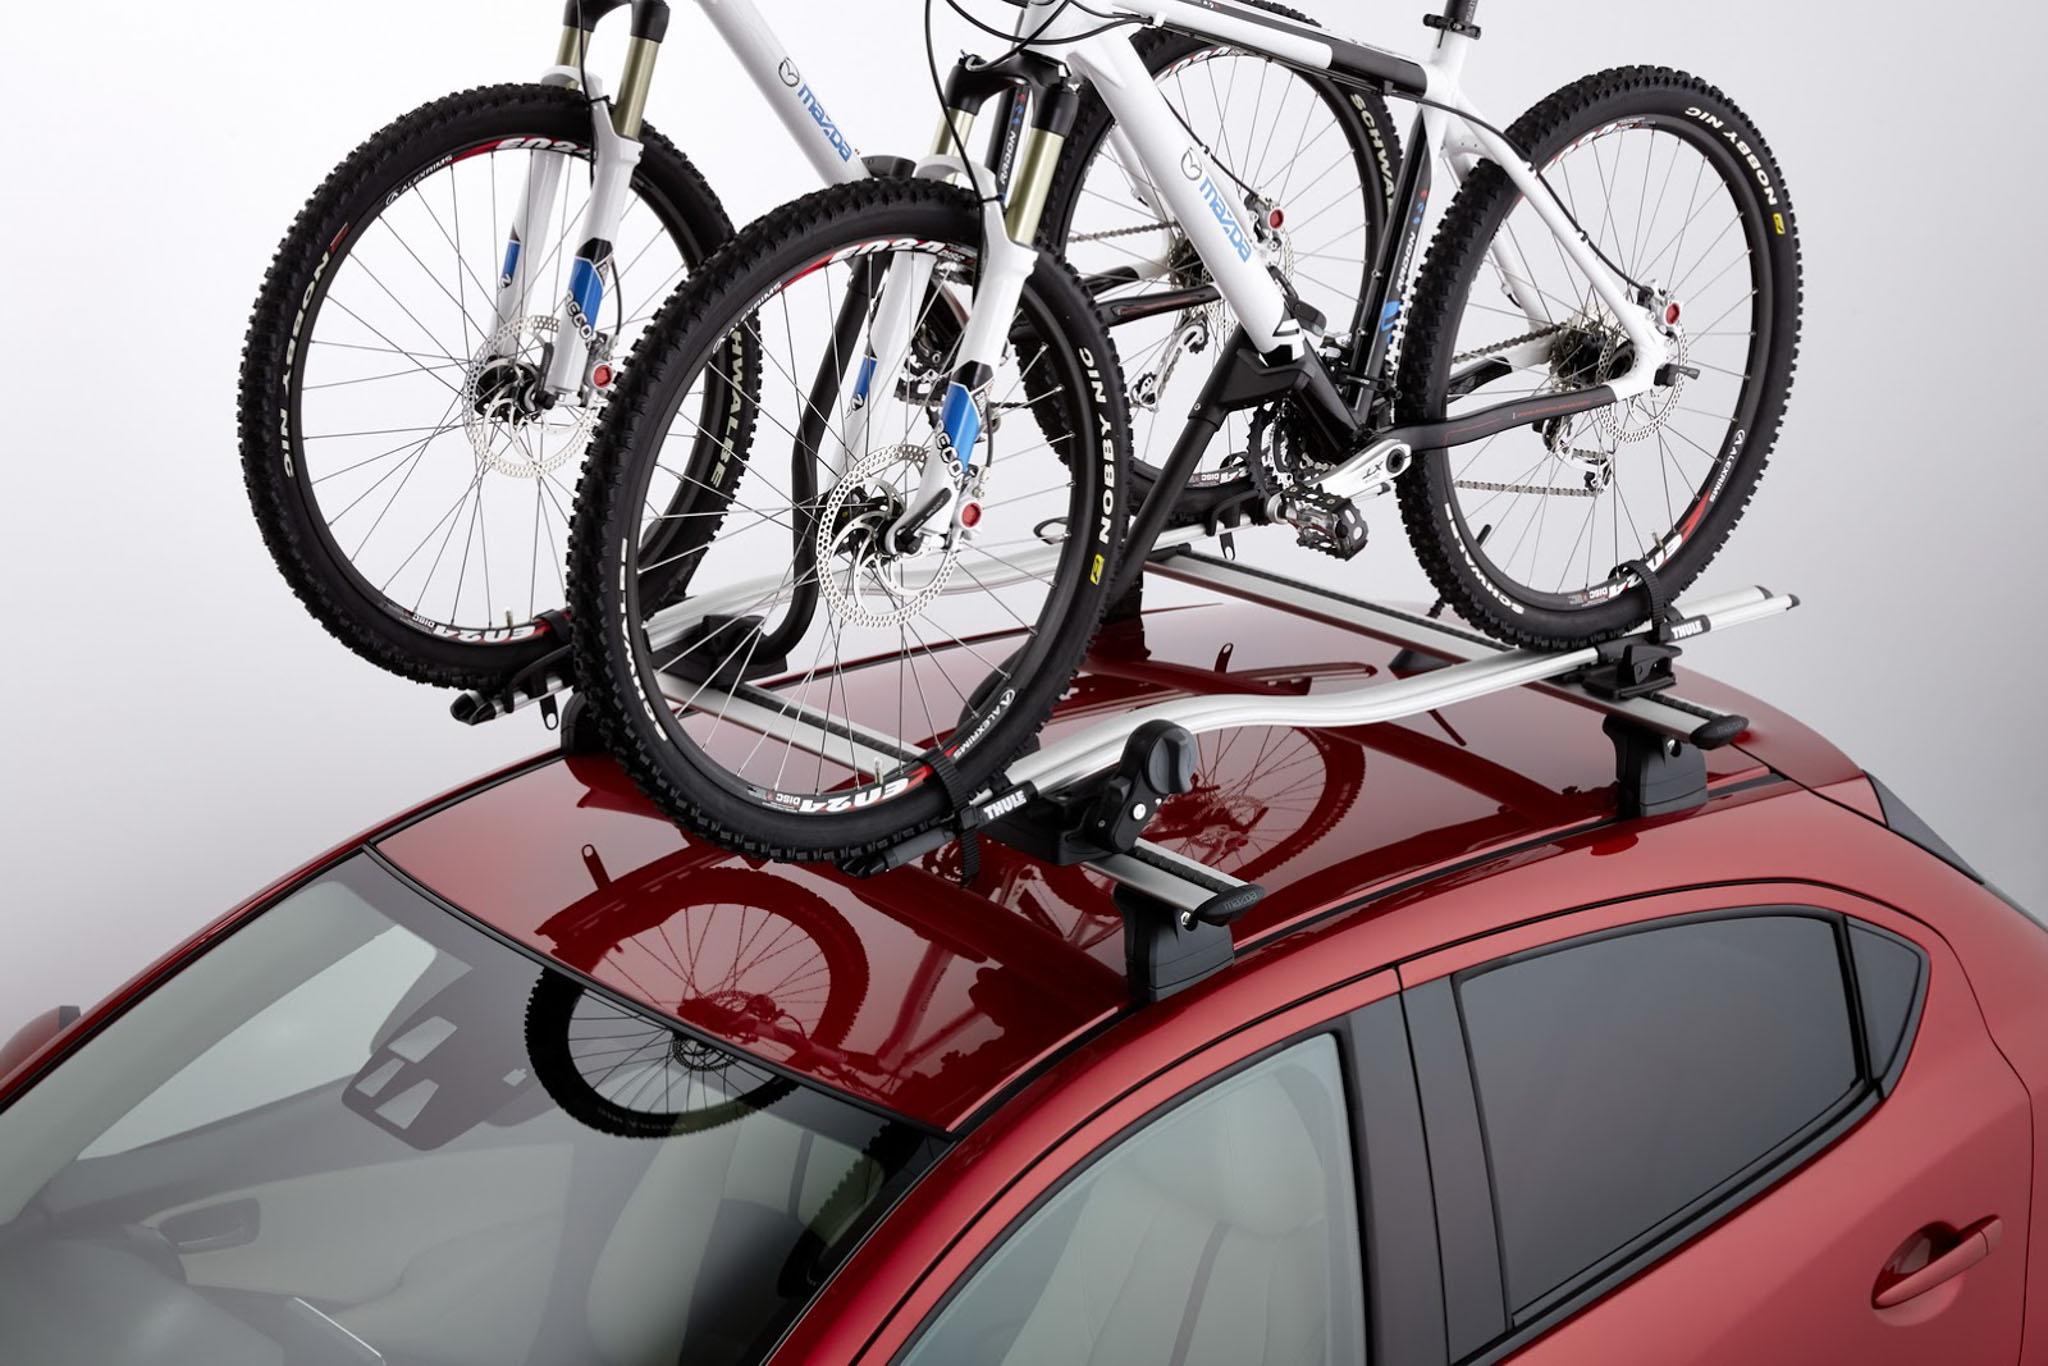 Багажник для велосипеда на крышу